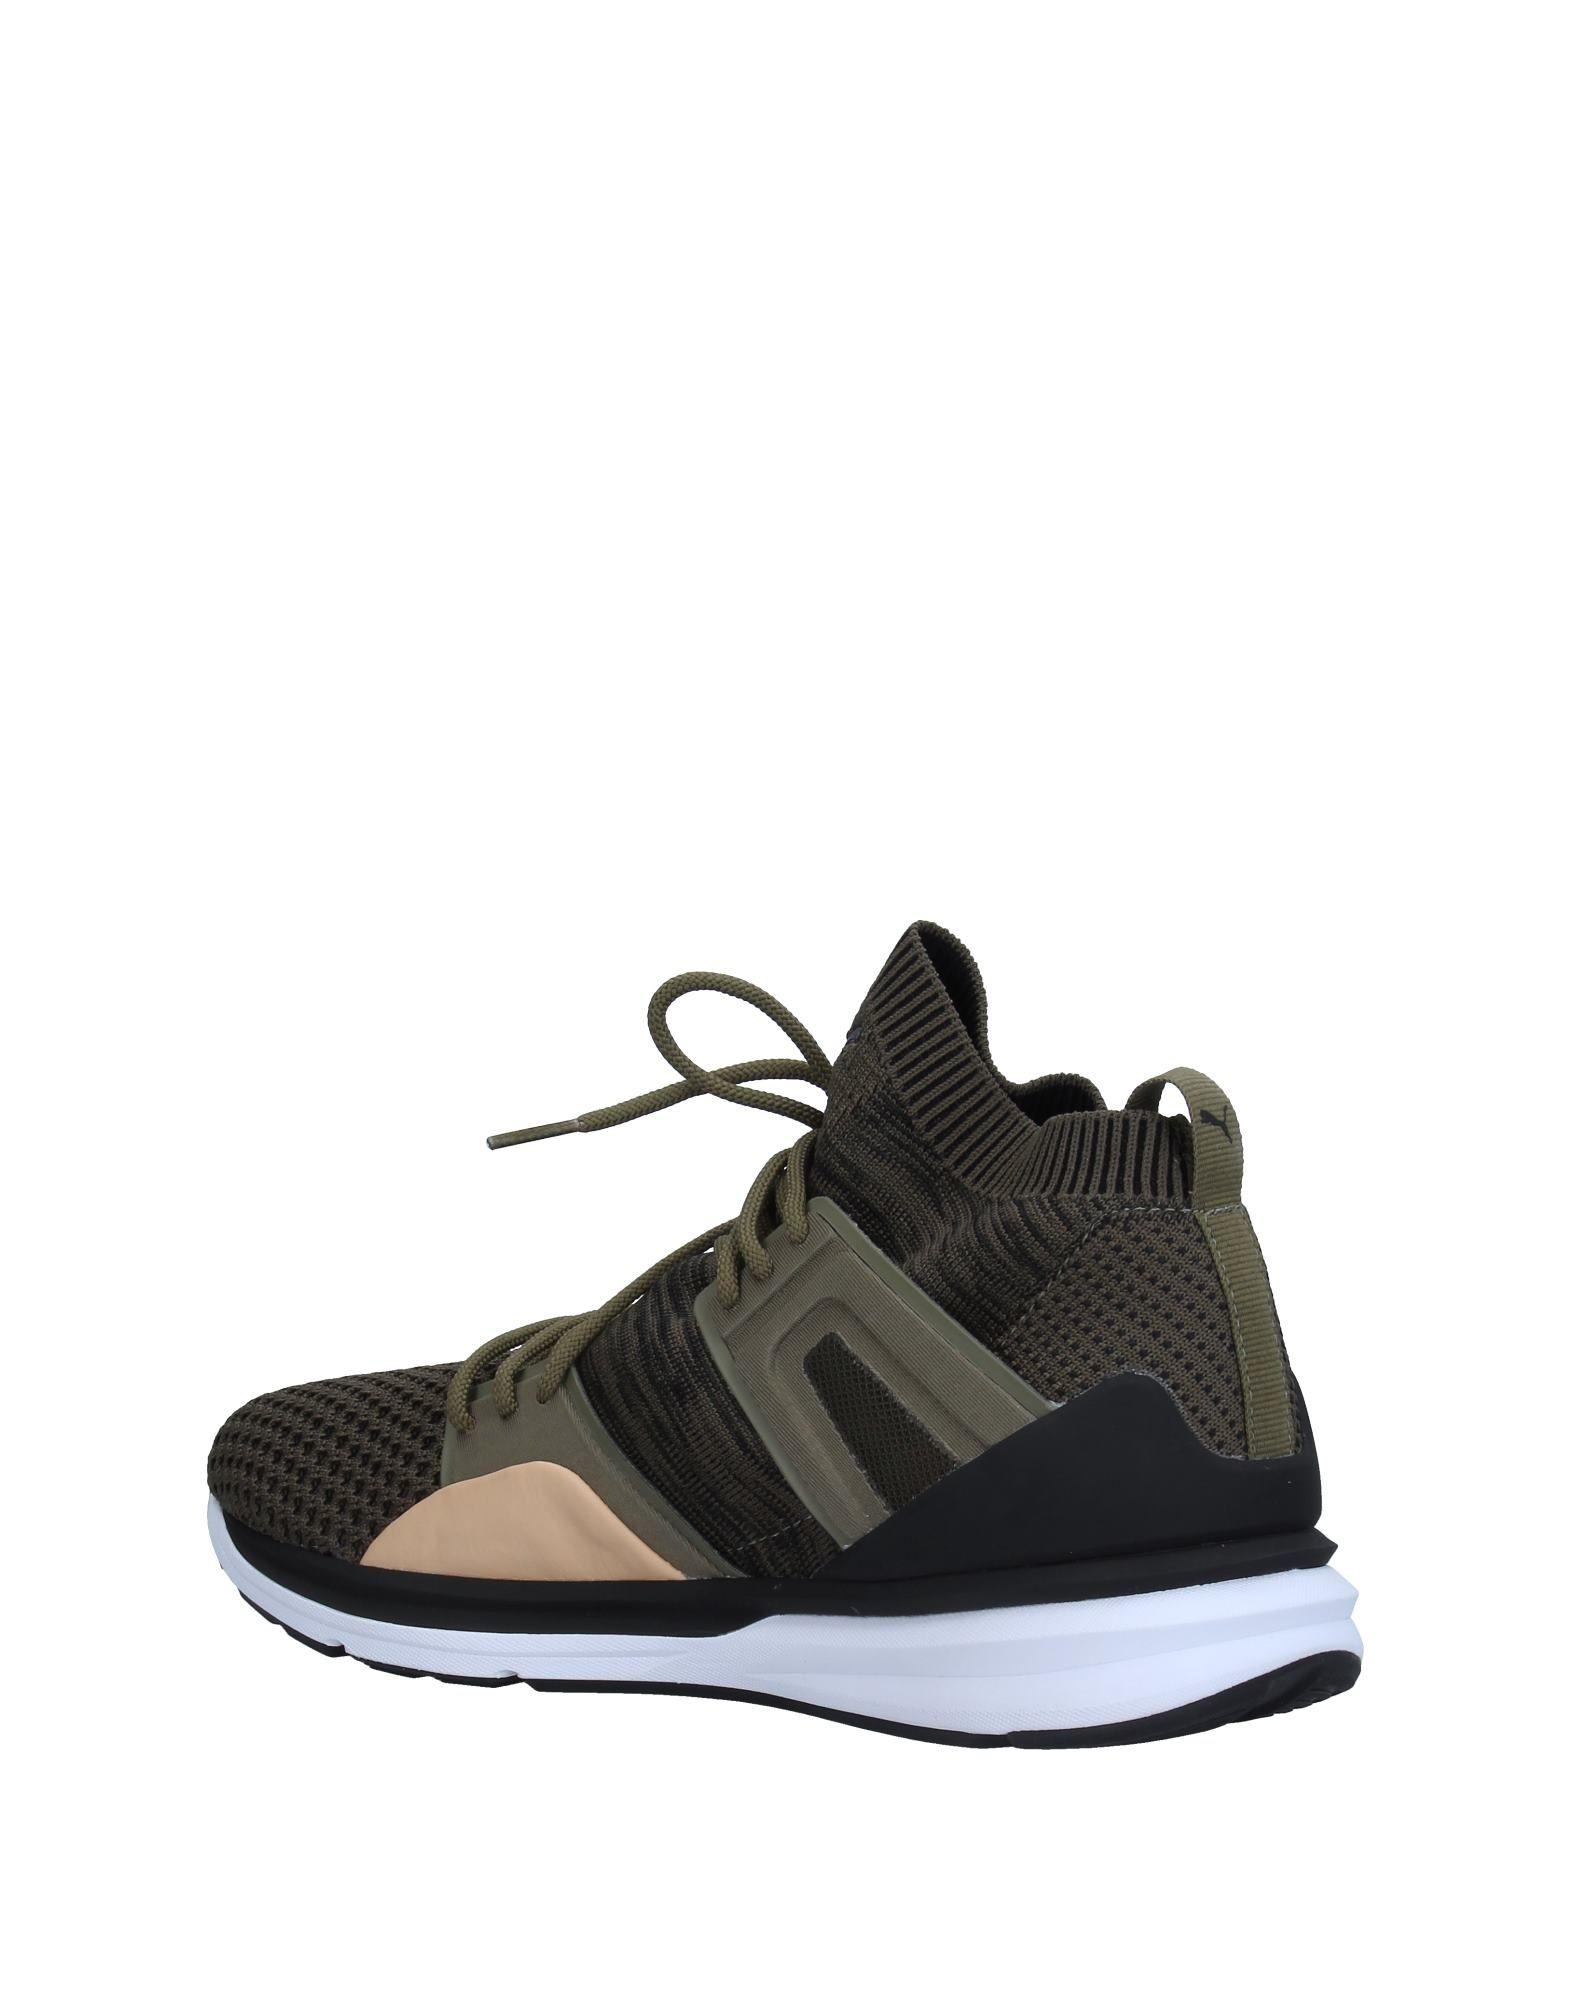 Rabatt echte  Schuhe Puma Sneakers Herren  echte 11267971EO 37aac9